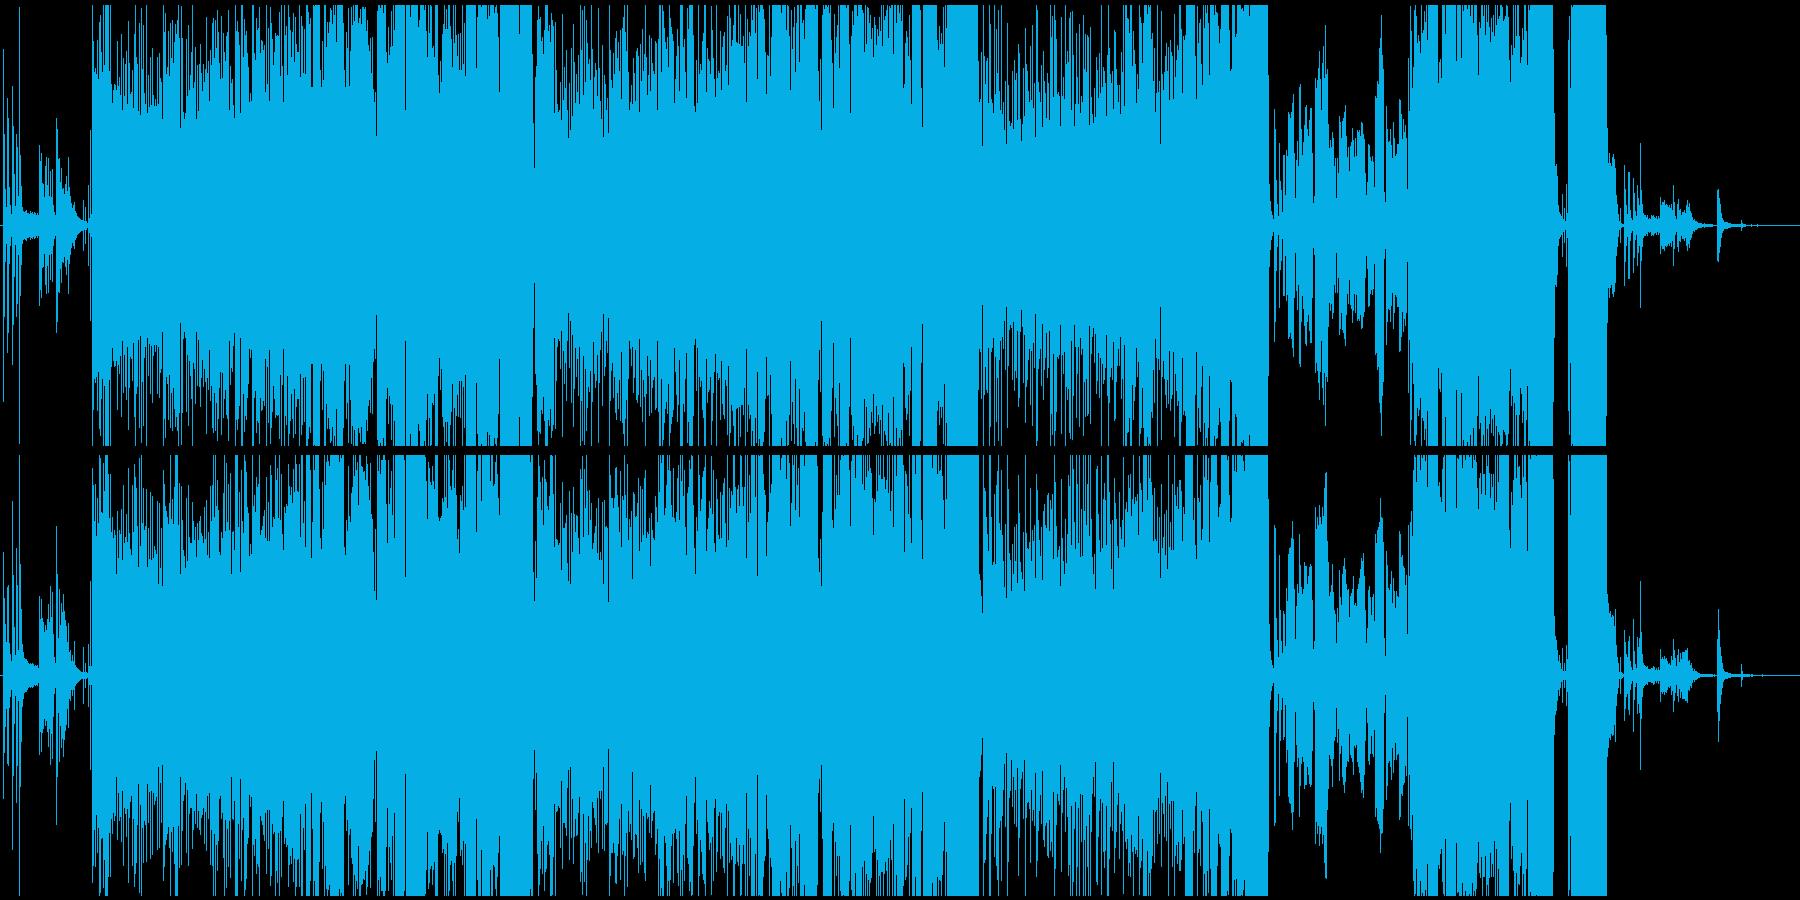 女性ボーカル/初恋をイメージしたバラードの再生済みの波形